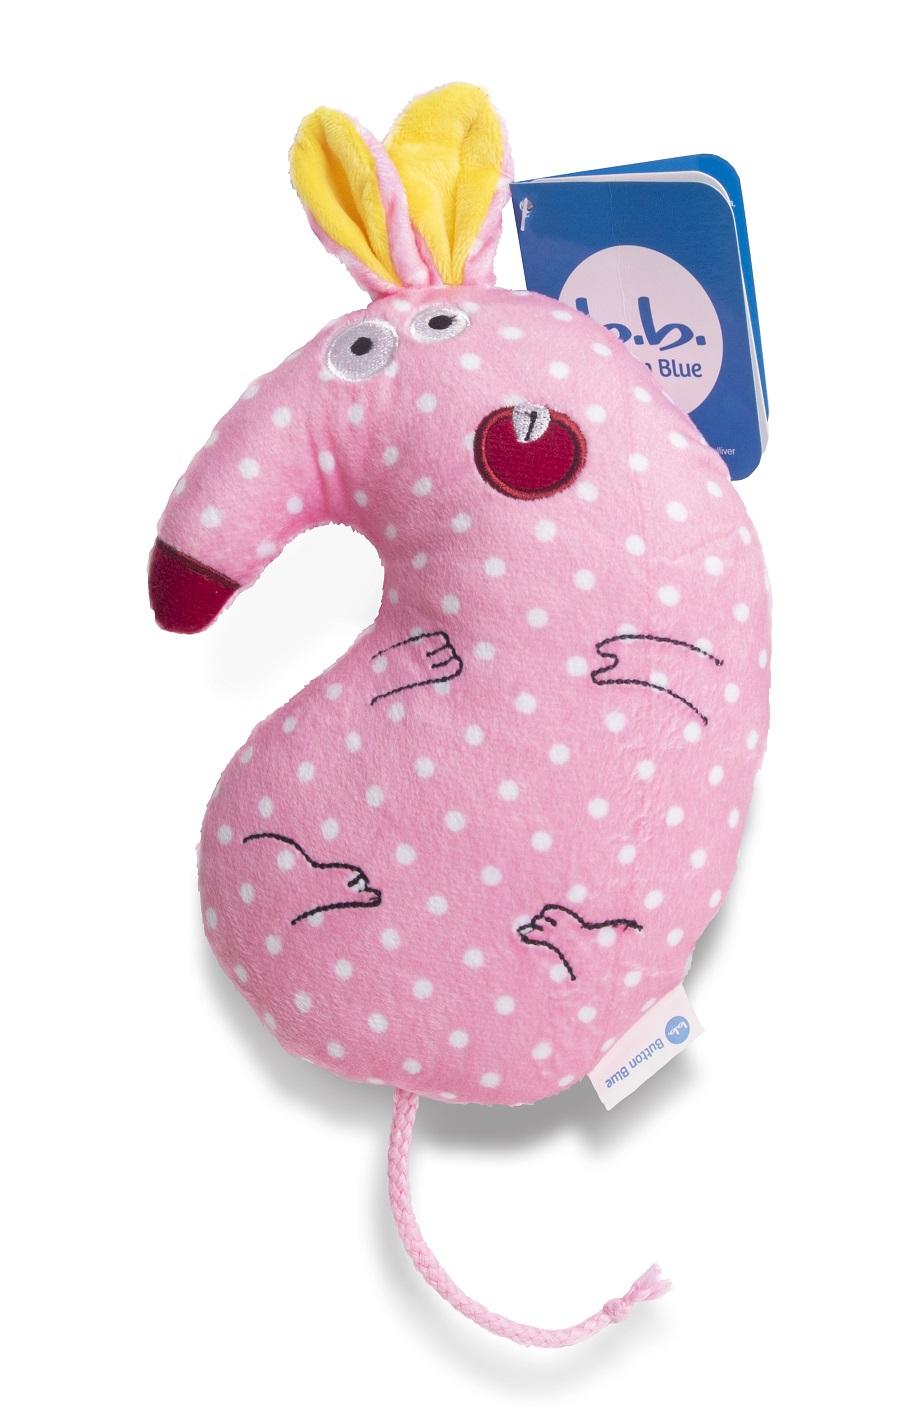 Мягкая игрушка - мышка Тося, 18 см. фото